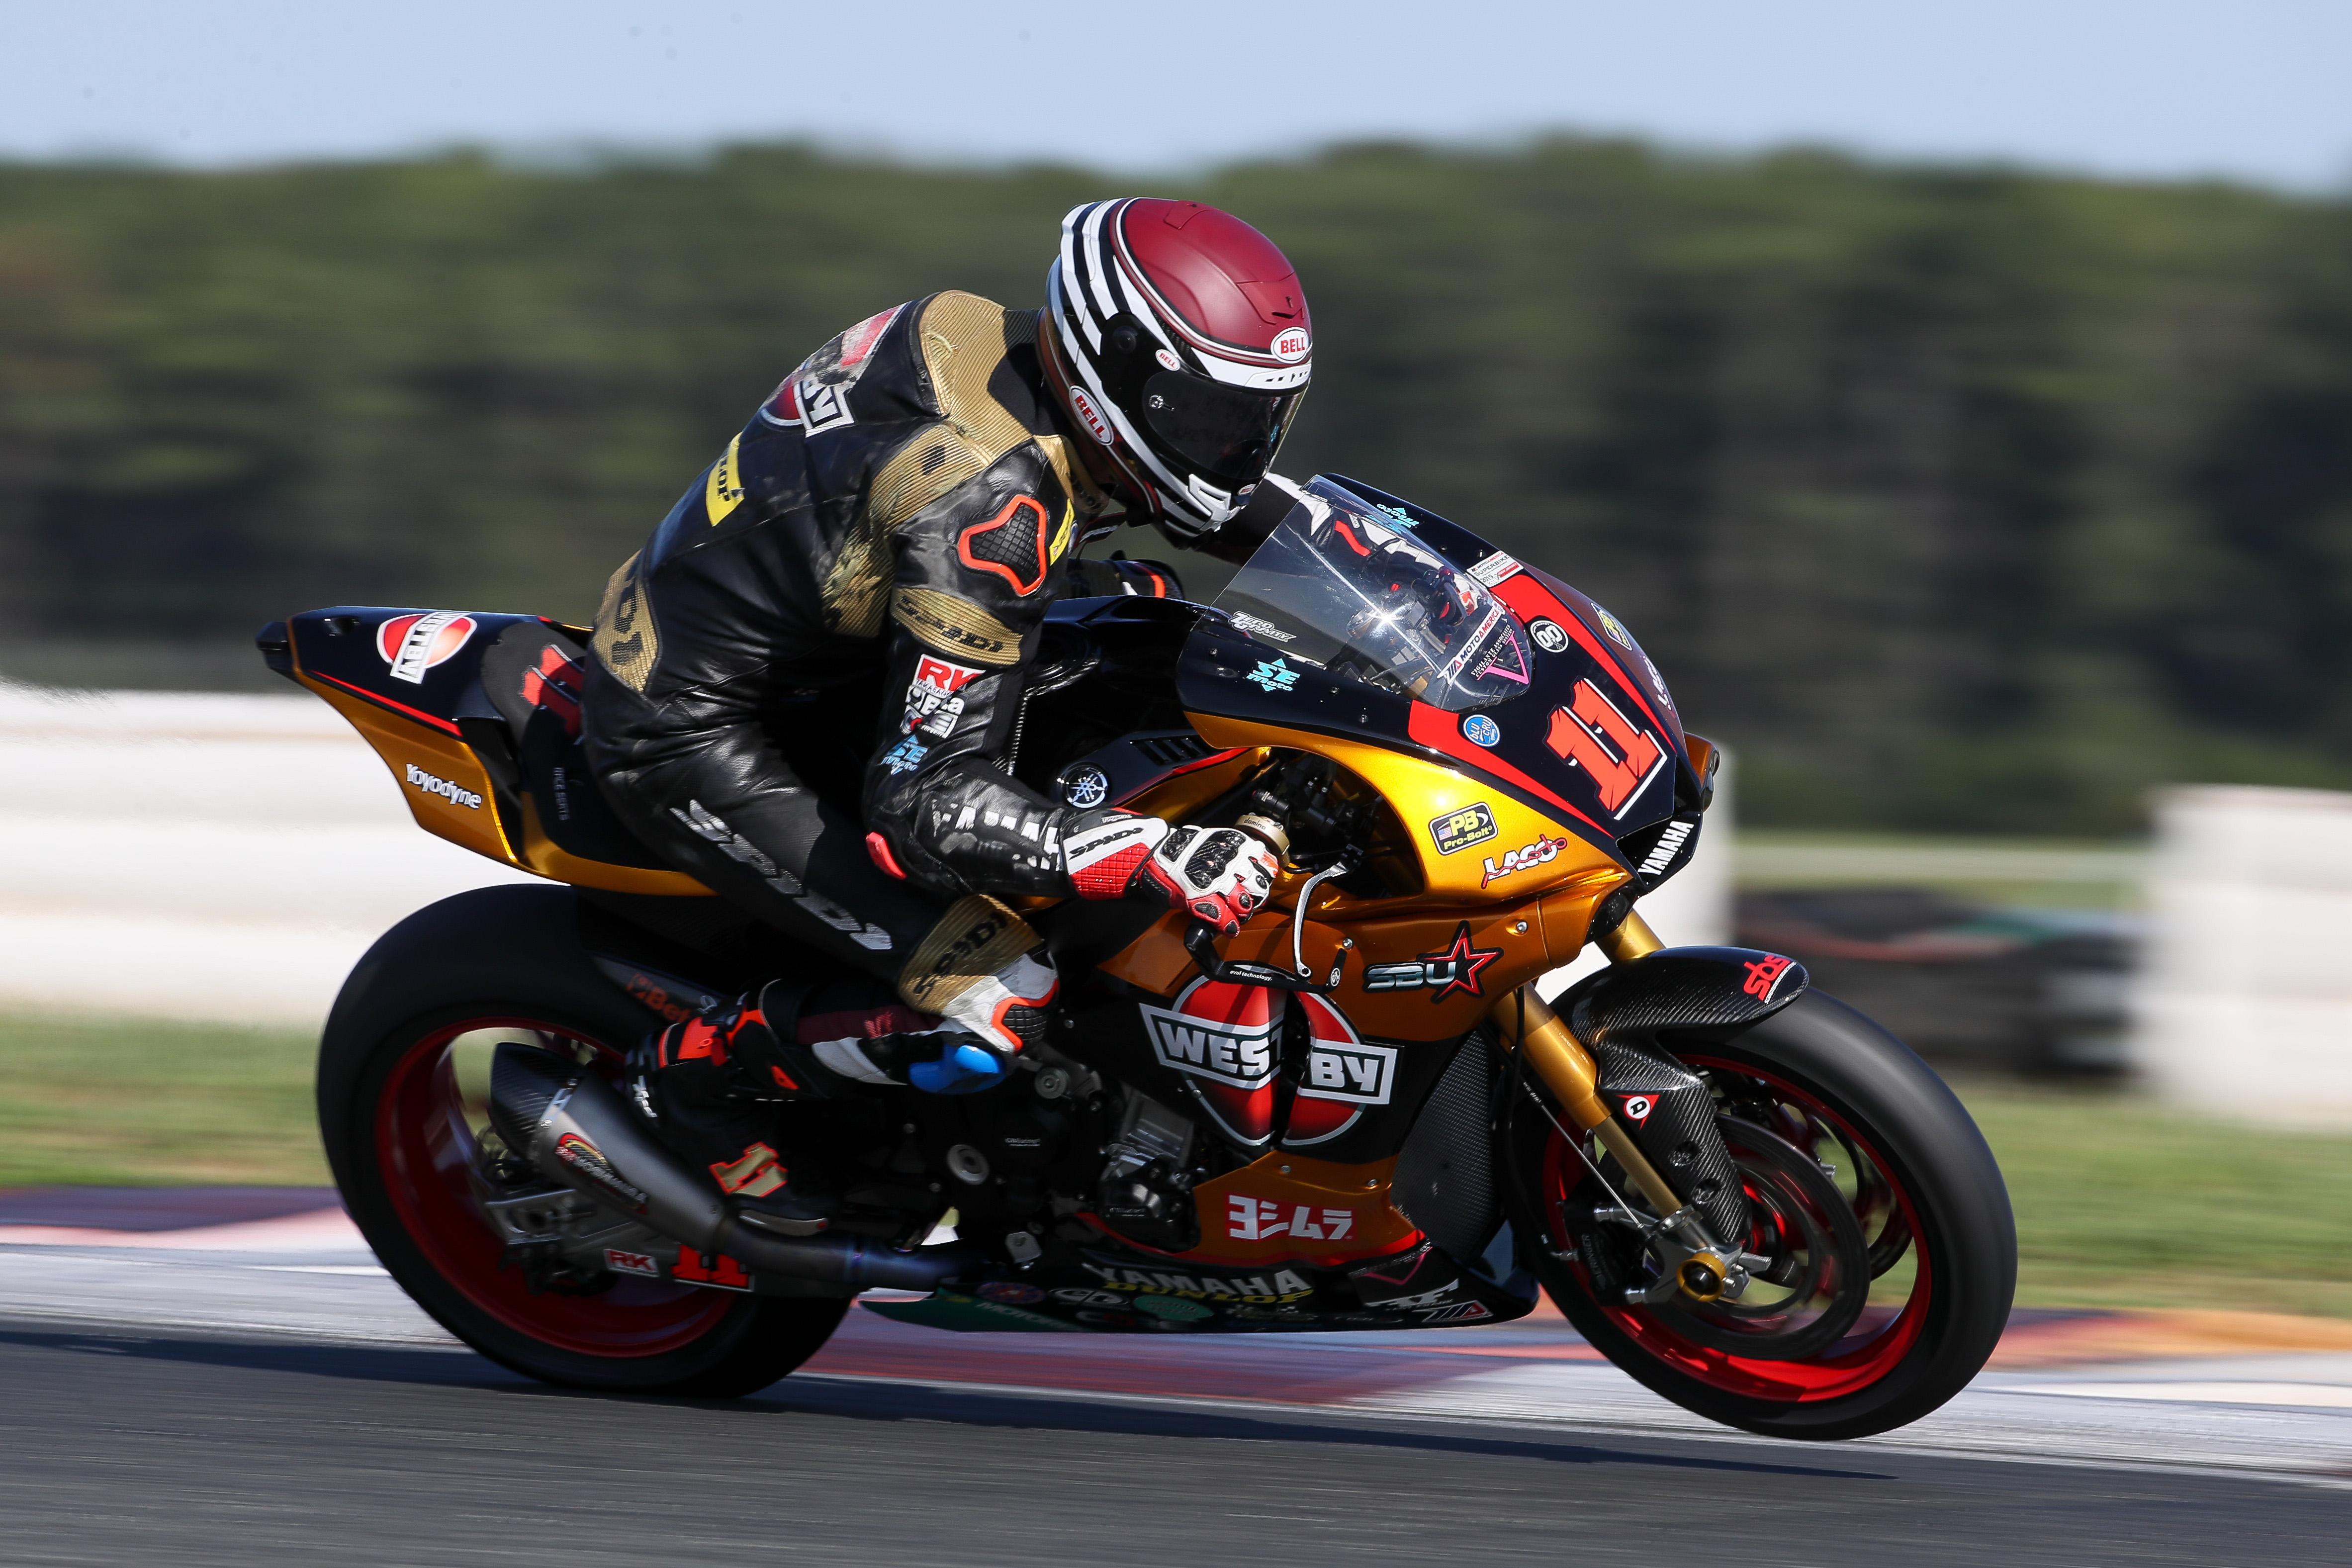 2019 NJMP Mathew/Yamaha YZF-R1